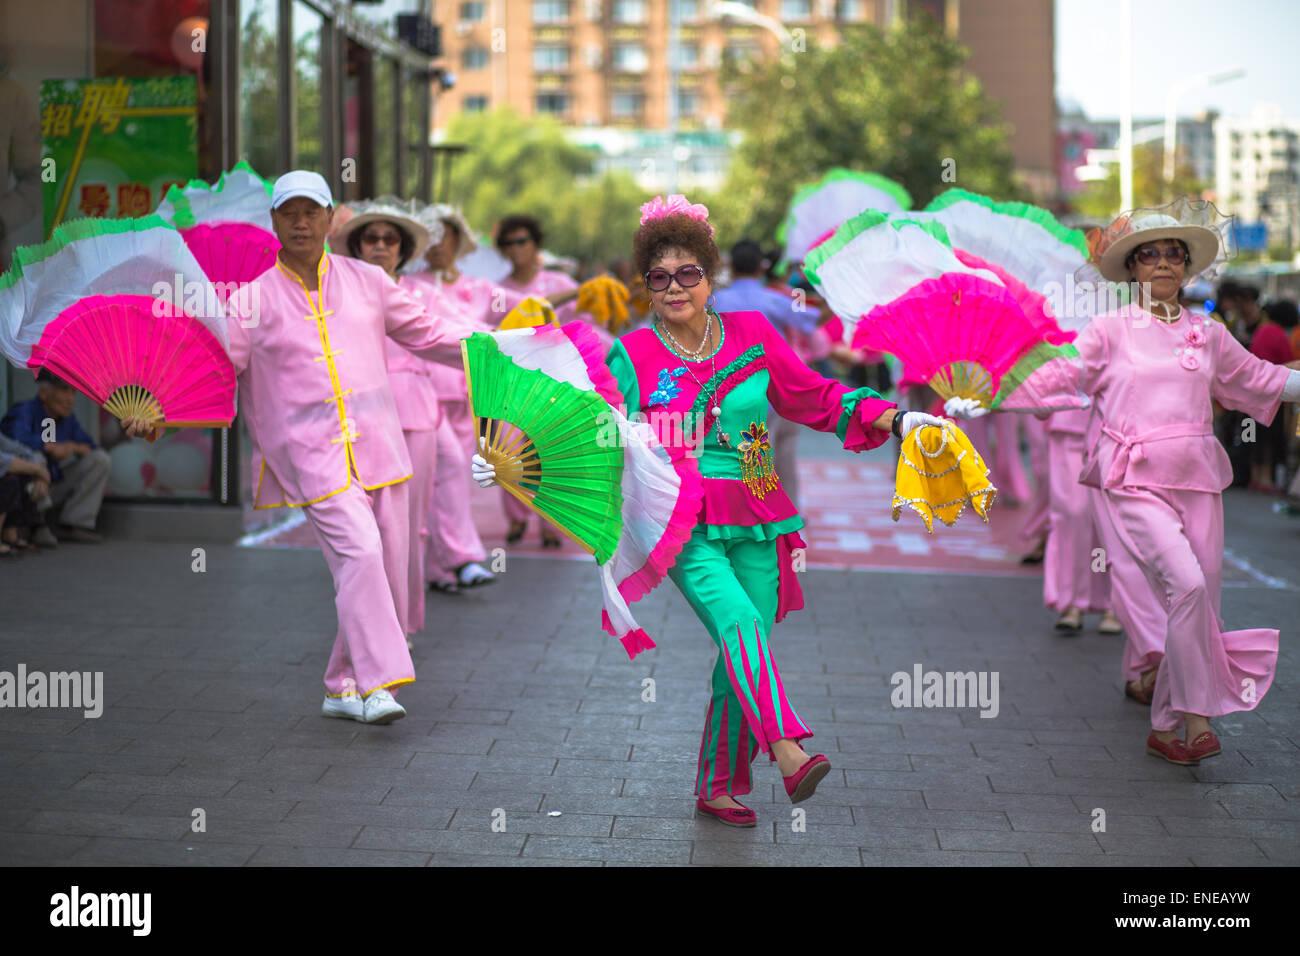 Chino tías bailando en la calle Imagen De Stock